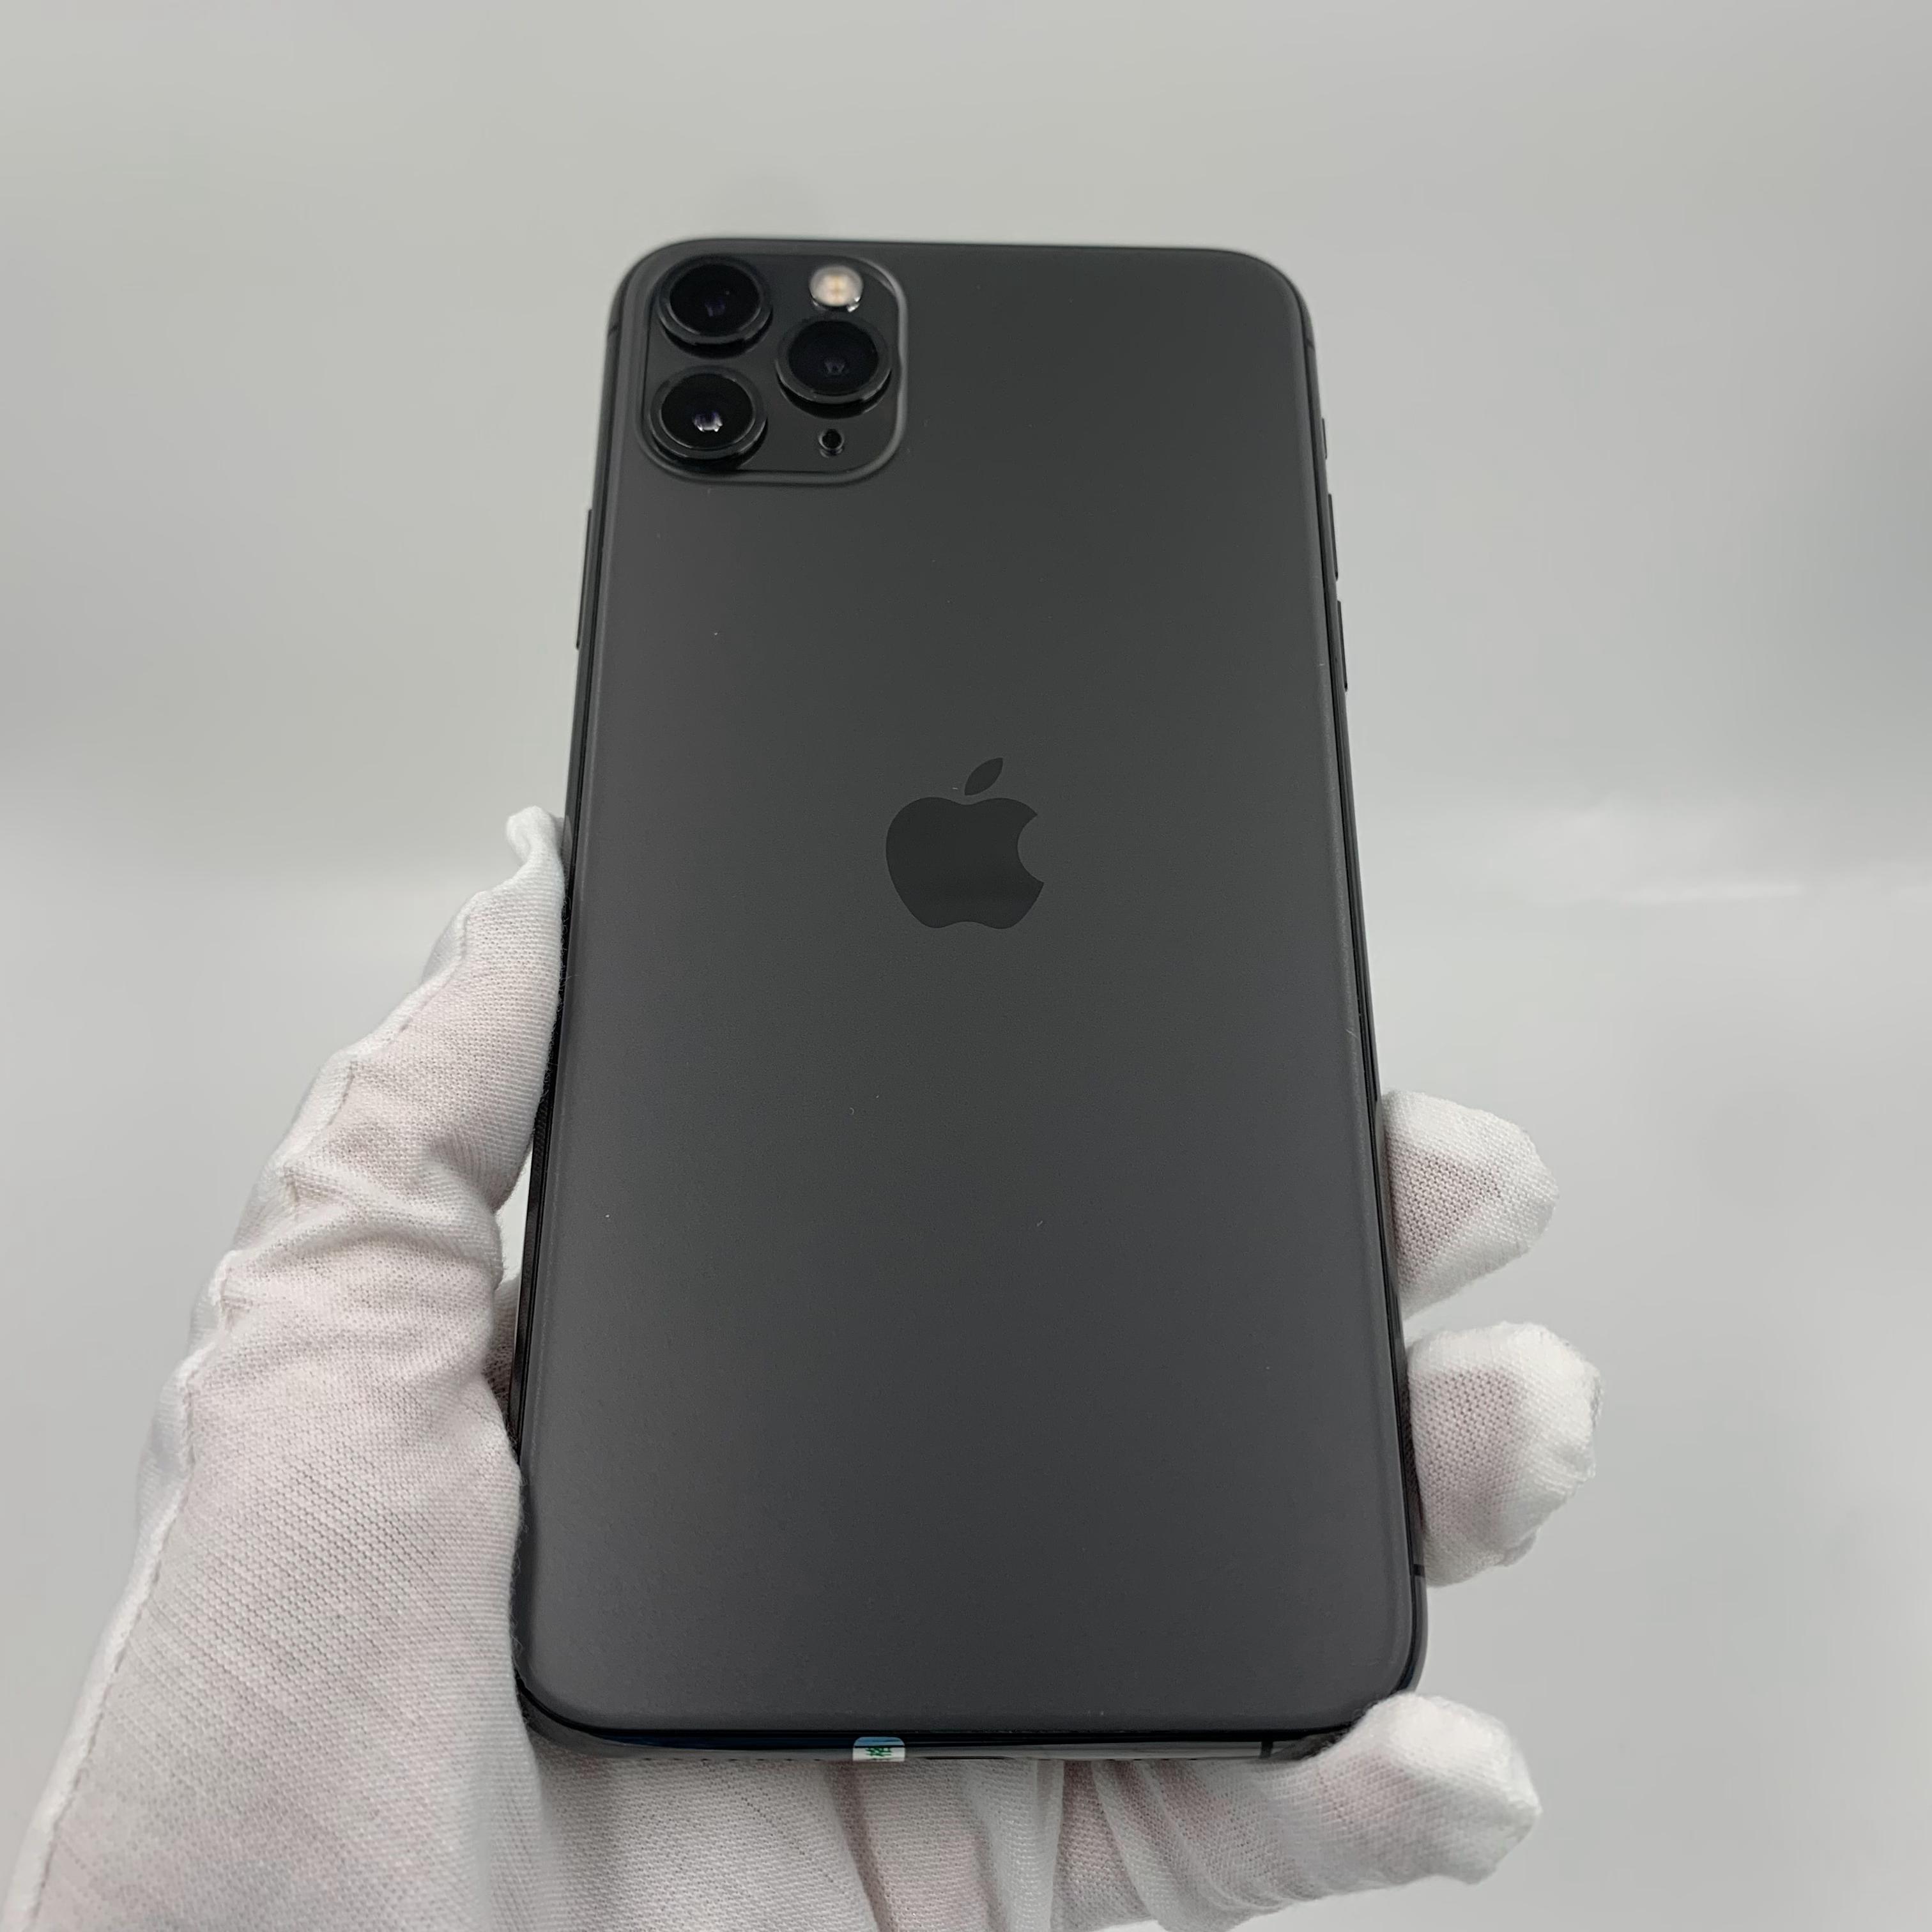 苹果【iPhone 11 Pro Max】4G全网通 深空灰 64G 国行 9成新 真机实拍